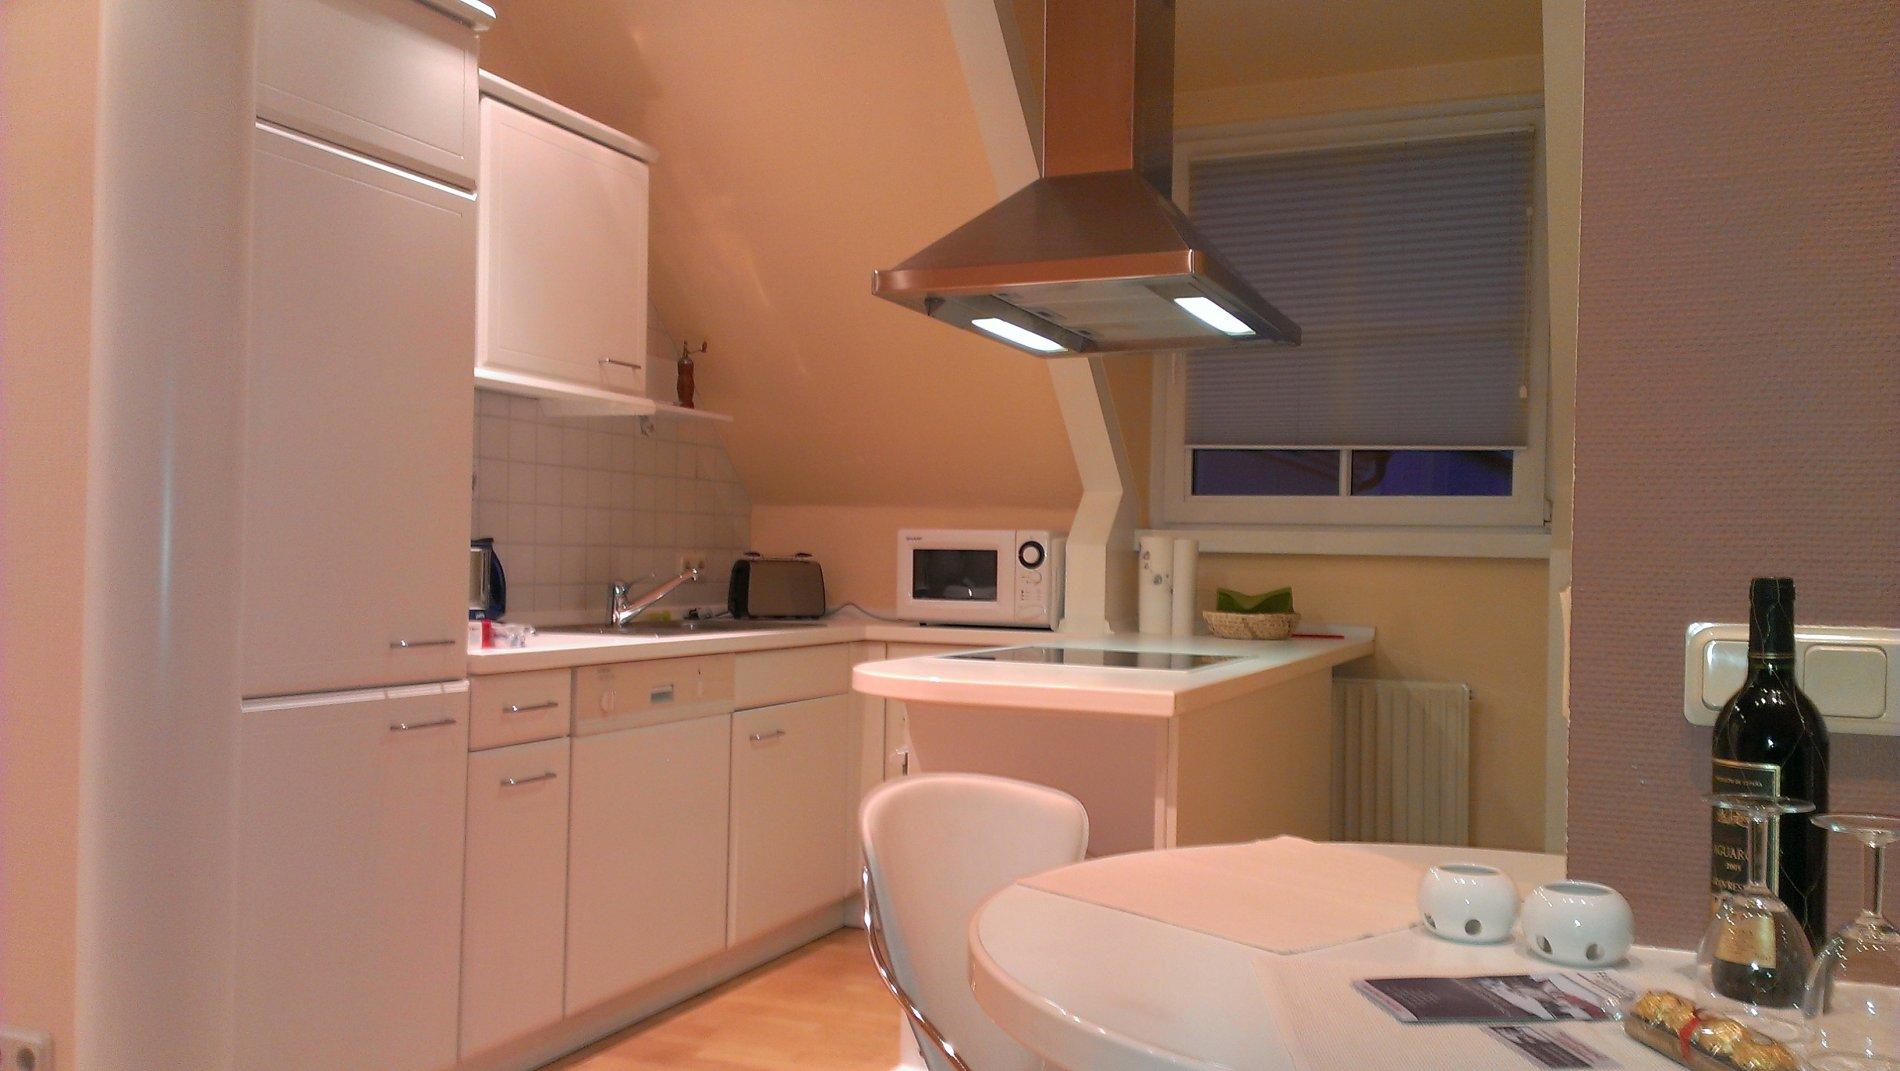 Küche mit Mikrowelle, Toaster, Herd, runder Tisch und Stuhl